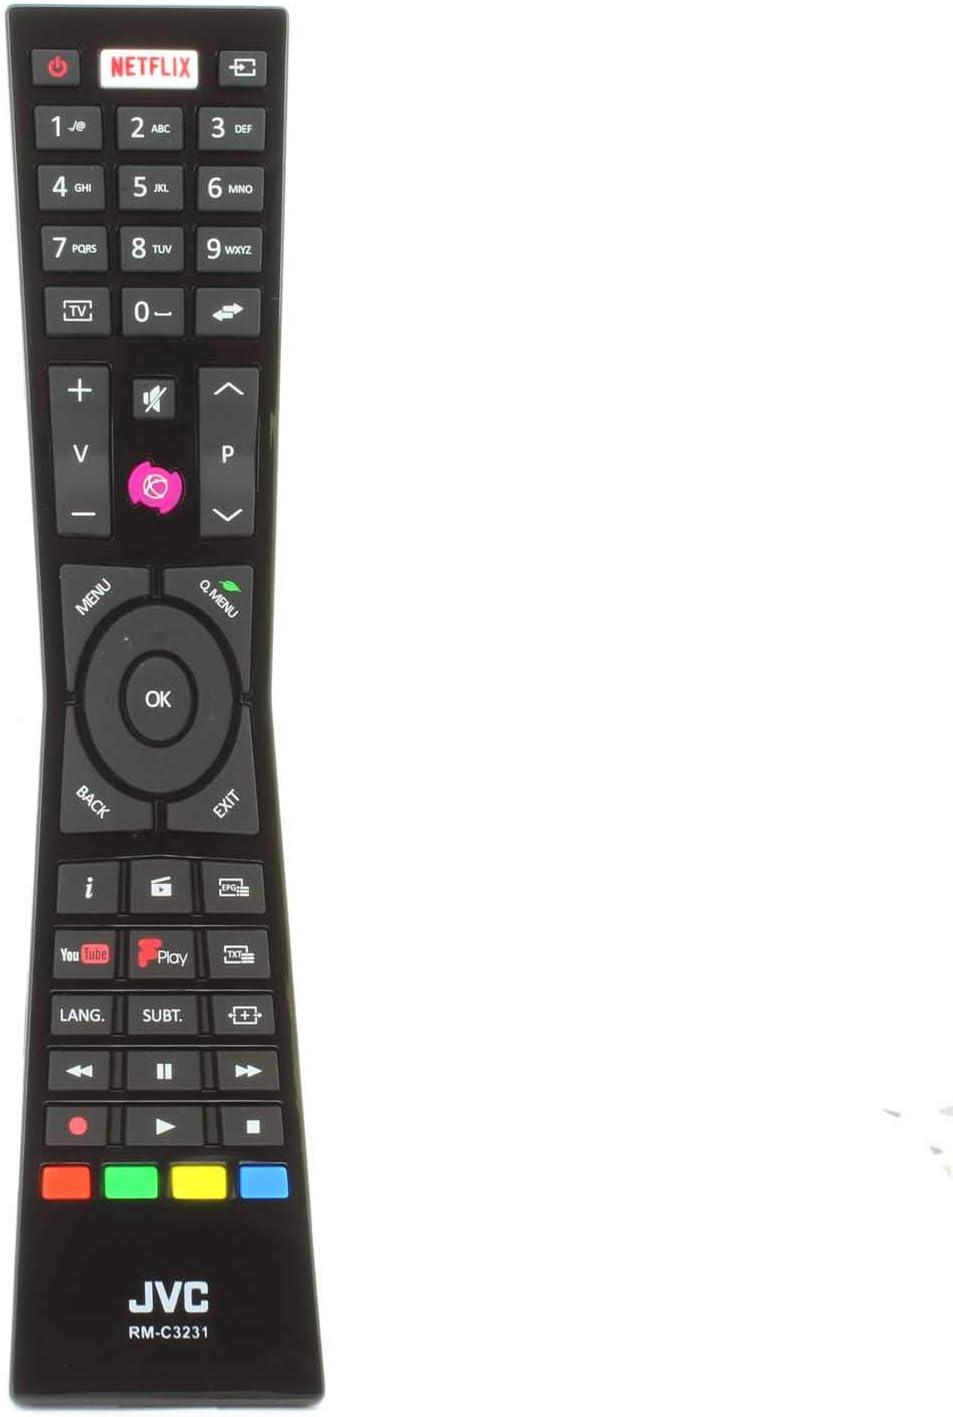 Genuino RM-C3231 Control Remoto para JVC Smart 4K LED TV RMC3231 LT-32C670 LT-32C661 LT-24C660 LT-24C661 LT-32C660: Amazon.es: Electrónica